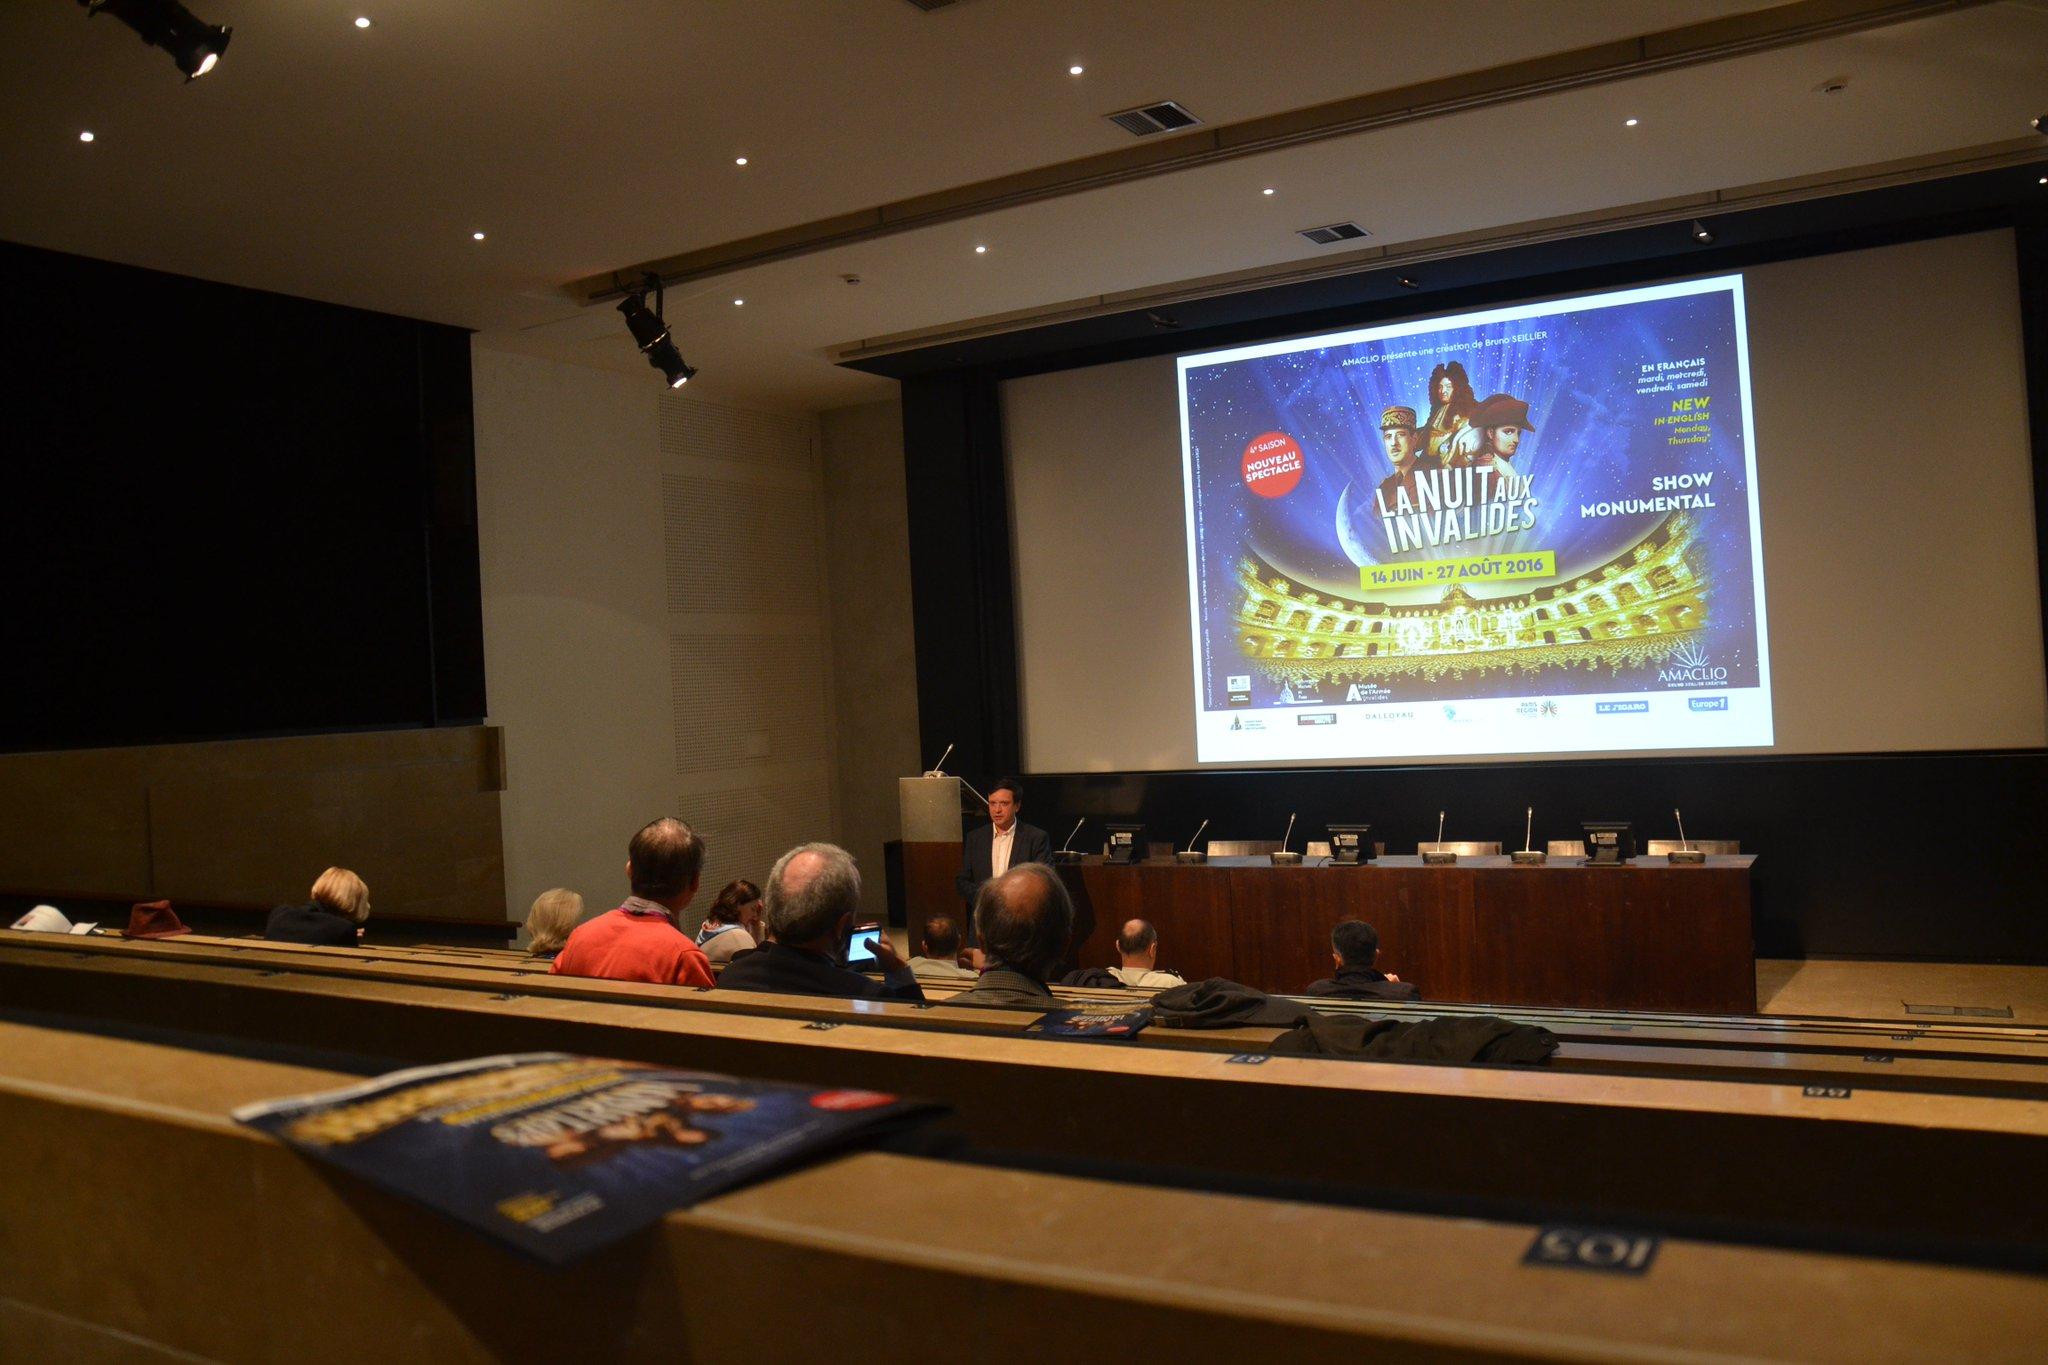 """La conférence de presse pour <a href=""""https://twitter.com/NuitInvalides"""" target=""""_blank"""">@NuitInvalides</a> s'est tenue ce matin au <a href=""""https://twitter.com/MuséeArmée"""" target=""""_blank"""">@MuséeArmée</a> <a href=""""https://t.co/MzzZhbjrnE"""" target=""""_blank"""">https://t.co/MzzZhbjrnE</a>https://t.co/QYhlEASSf1"""